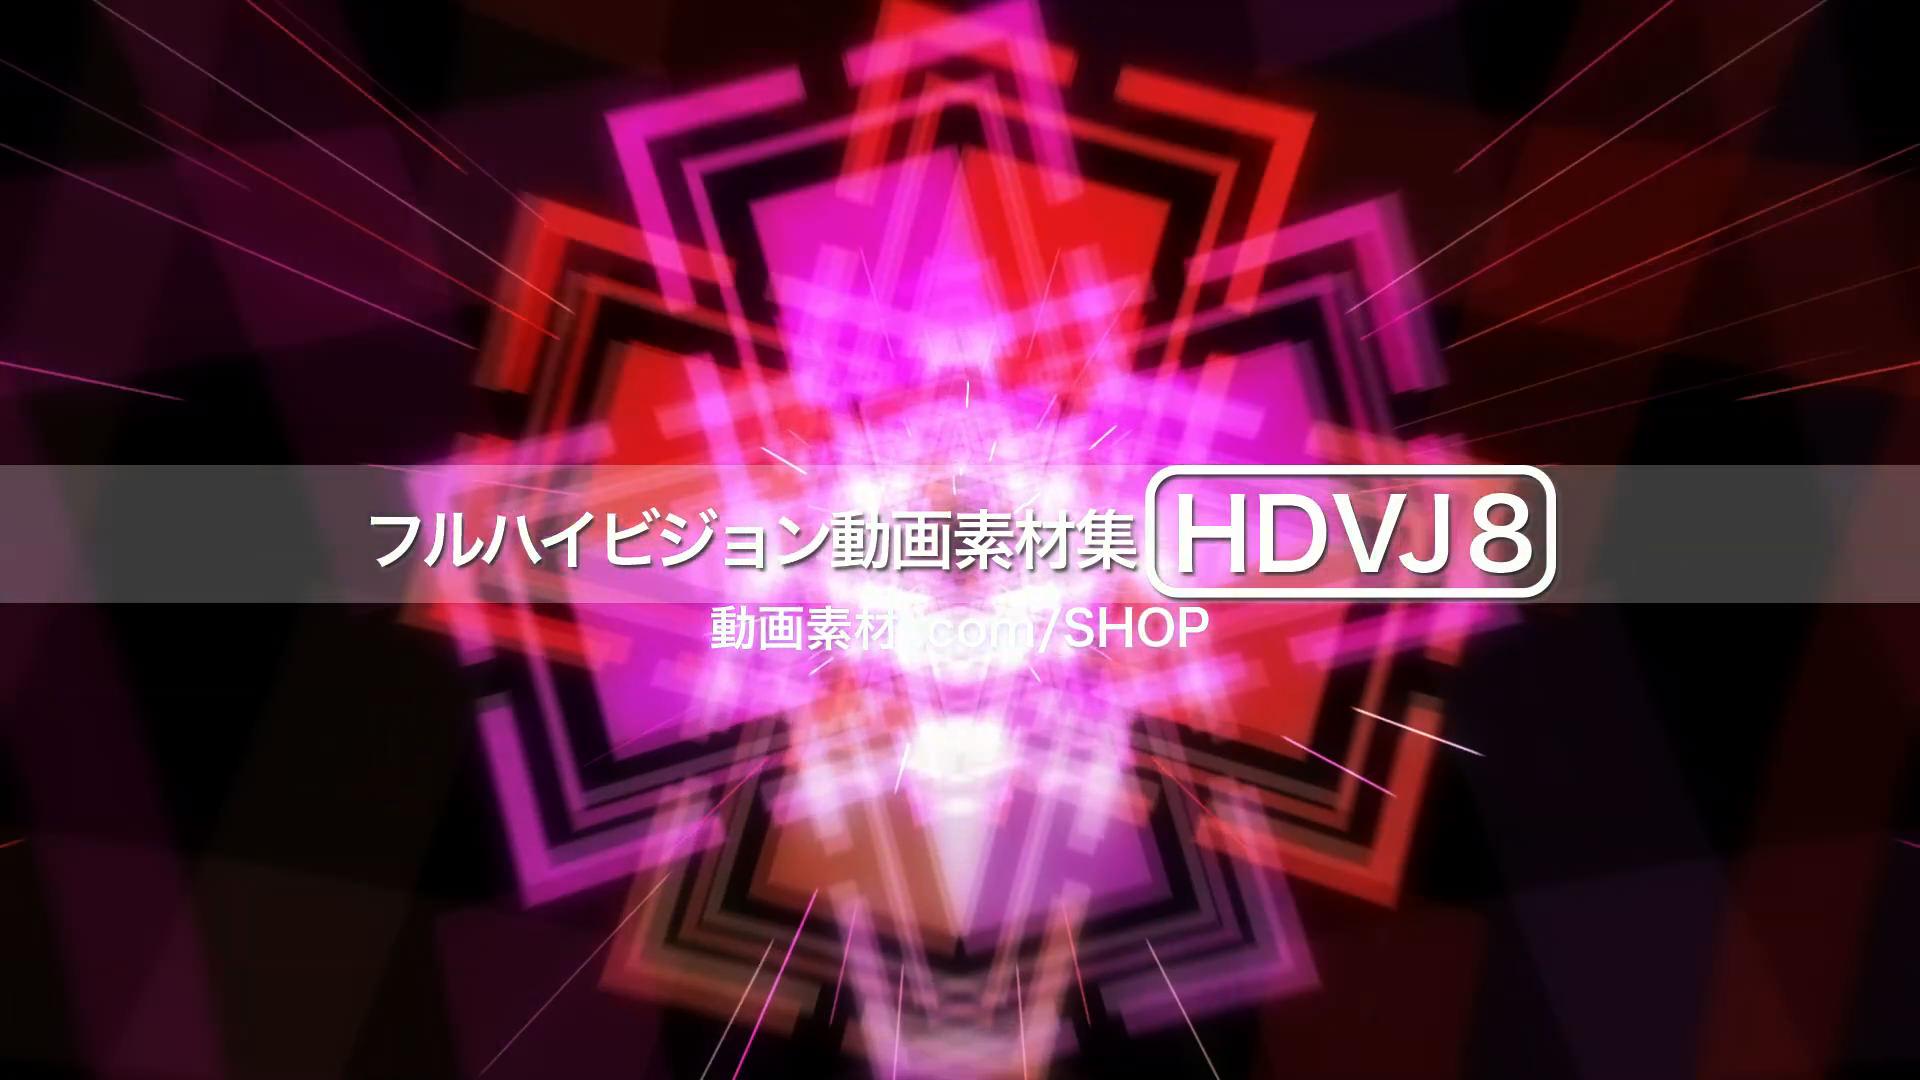 HDVJ8_02